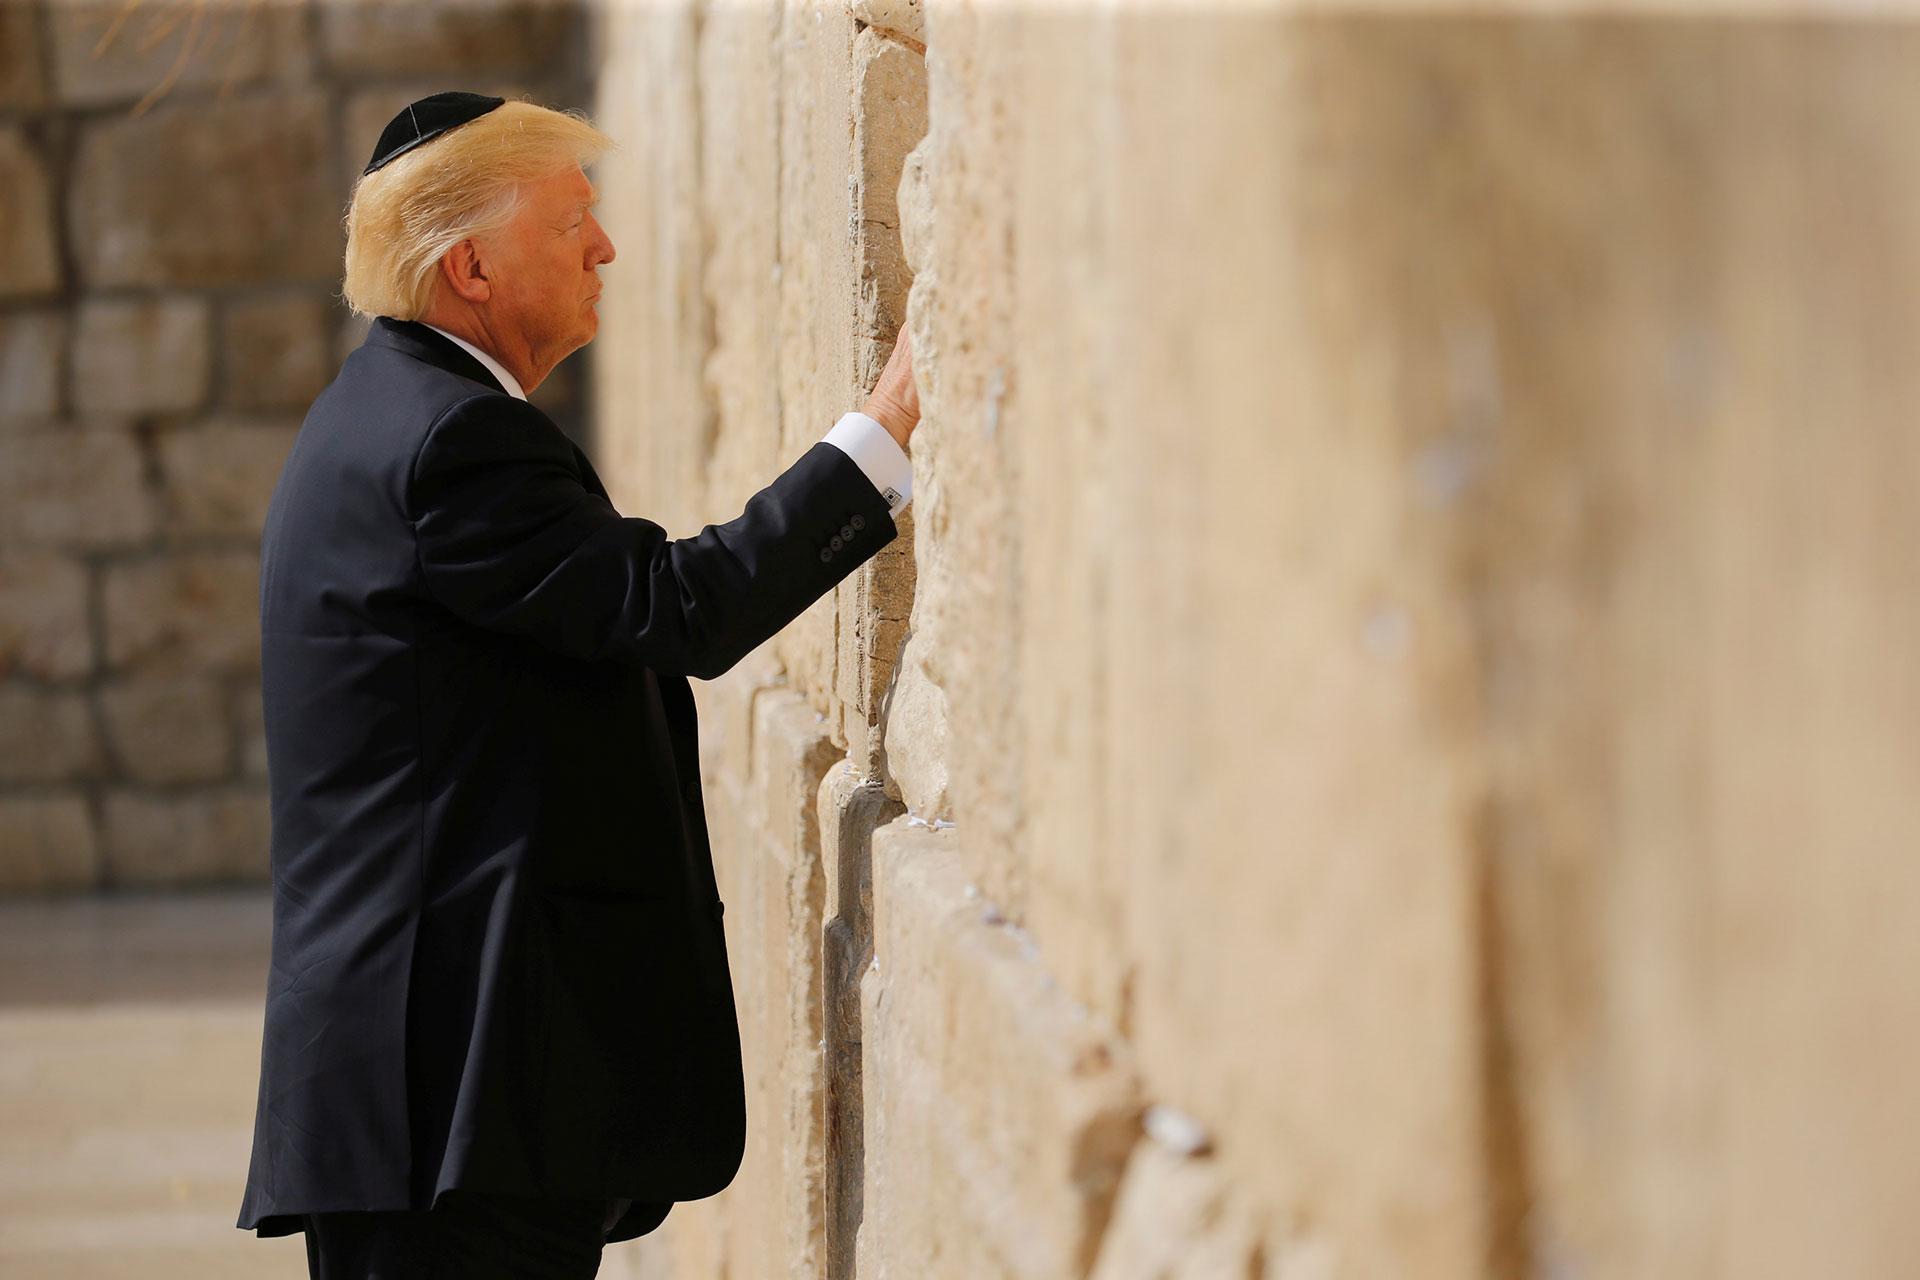 El presidente de los Estados Unidos fue recibido por el primer ministro y el presidente de Israel, y luego visitó los sitios más importantes de la ciudad santa (Reuters)